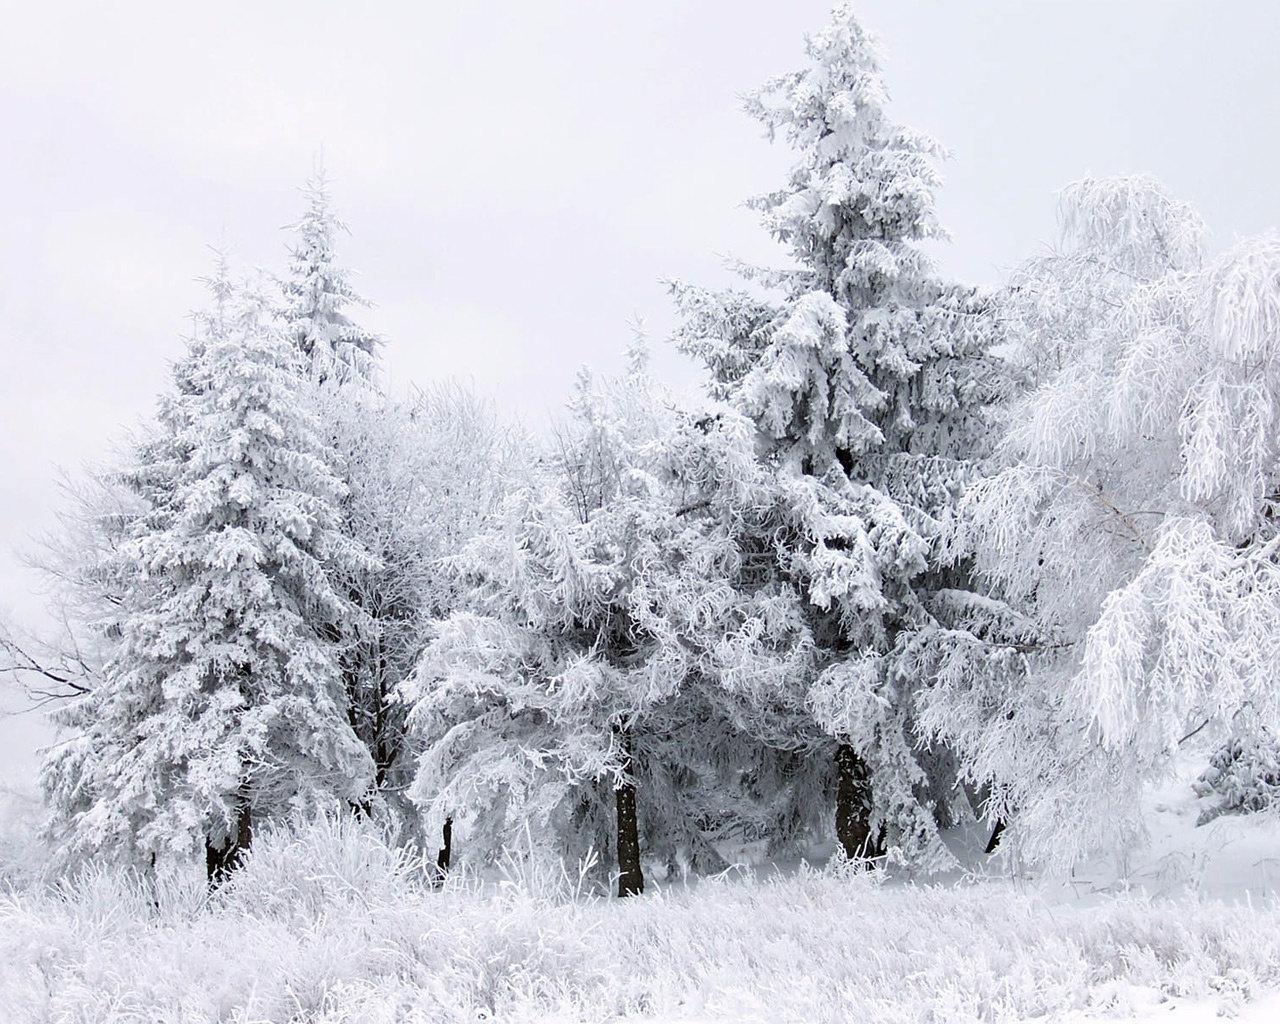 Зимний лес, снег, фото, обои, скачать бесплатно